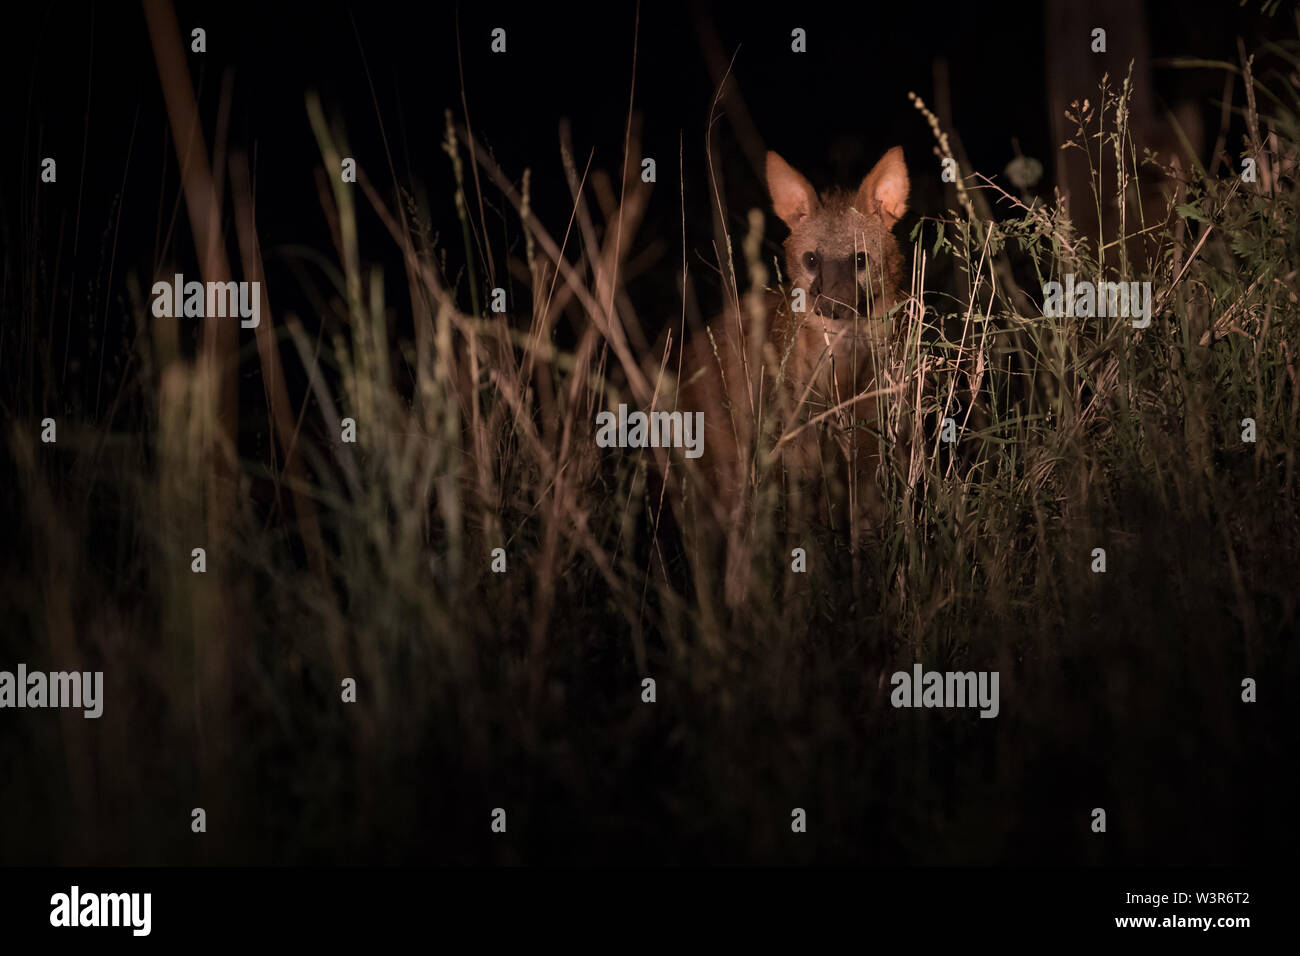 Un Proteles cristata aardwolf, pics, par de l'herbe tandis que dehors la chasse nocturne à Madikwe Game Reserve, North West, Afrique du Sud. Photo Stock